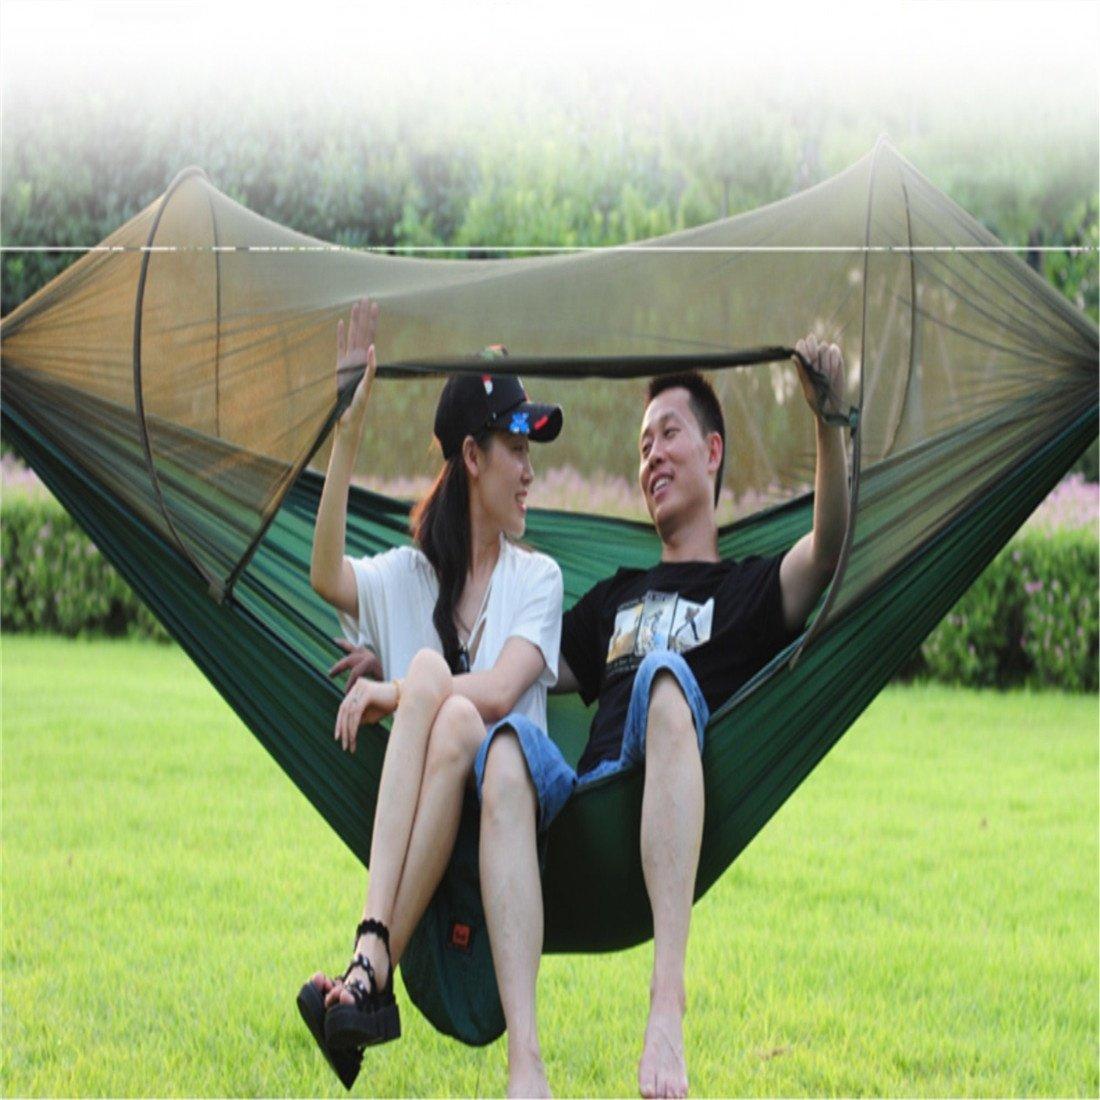 H&Q Automatische moskitonetz hängematte Outdoor Single doppelfallschirm Tuch Ultraleicht moskitonetz hängematte Indoor schaukel hängematte (2,6 * 1,4 mt)